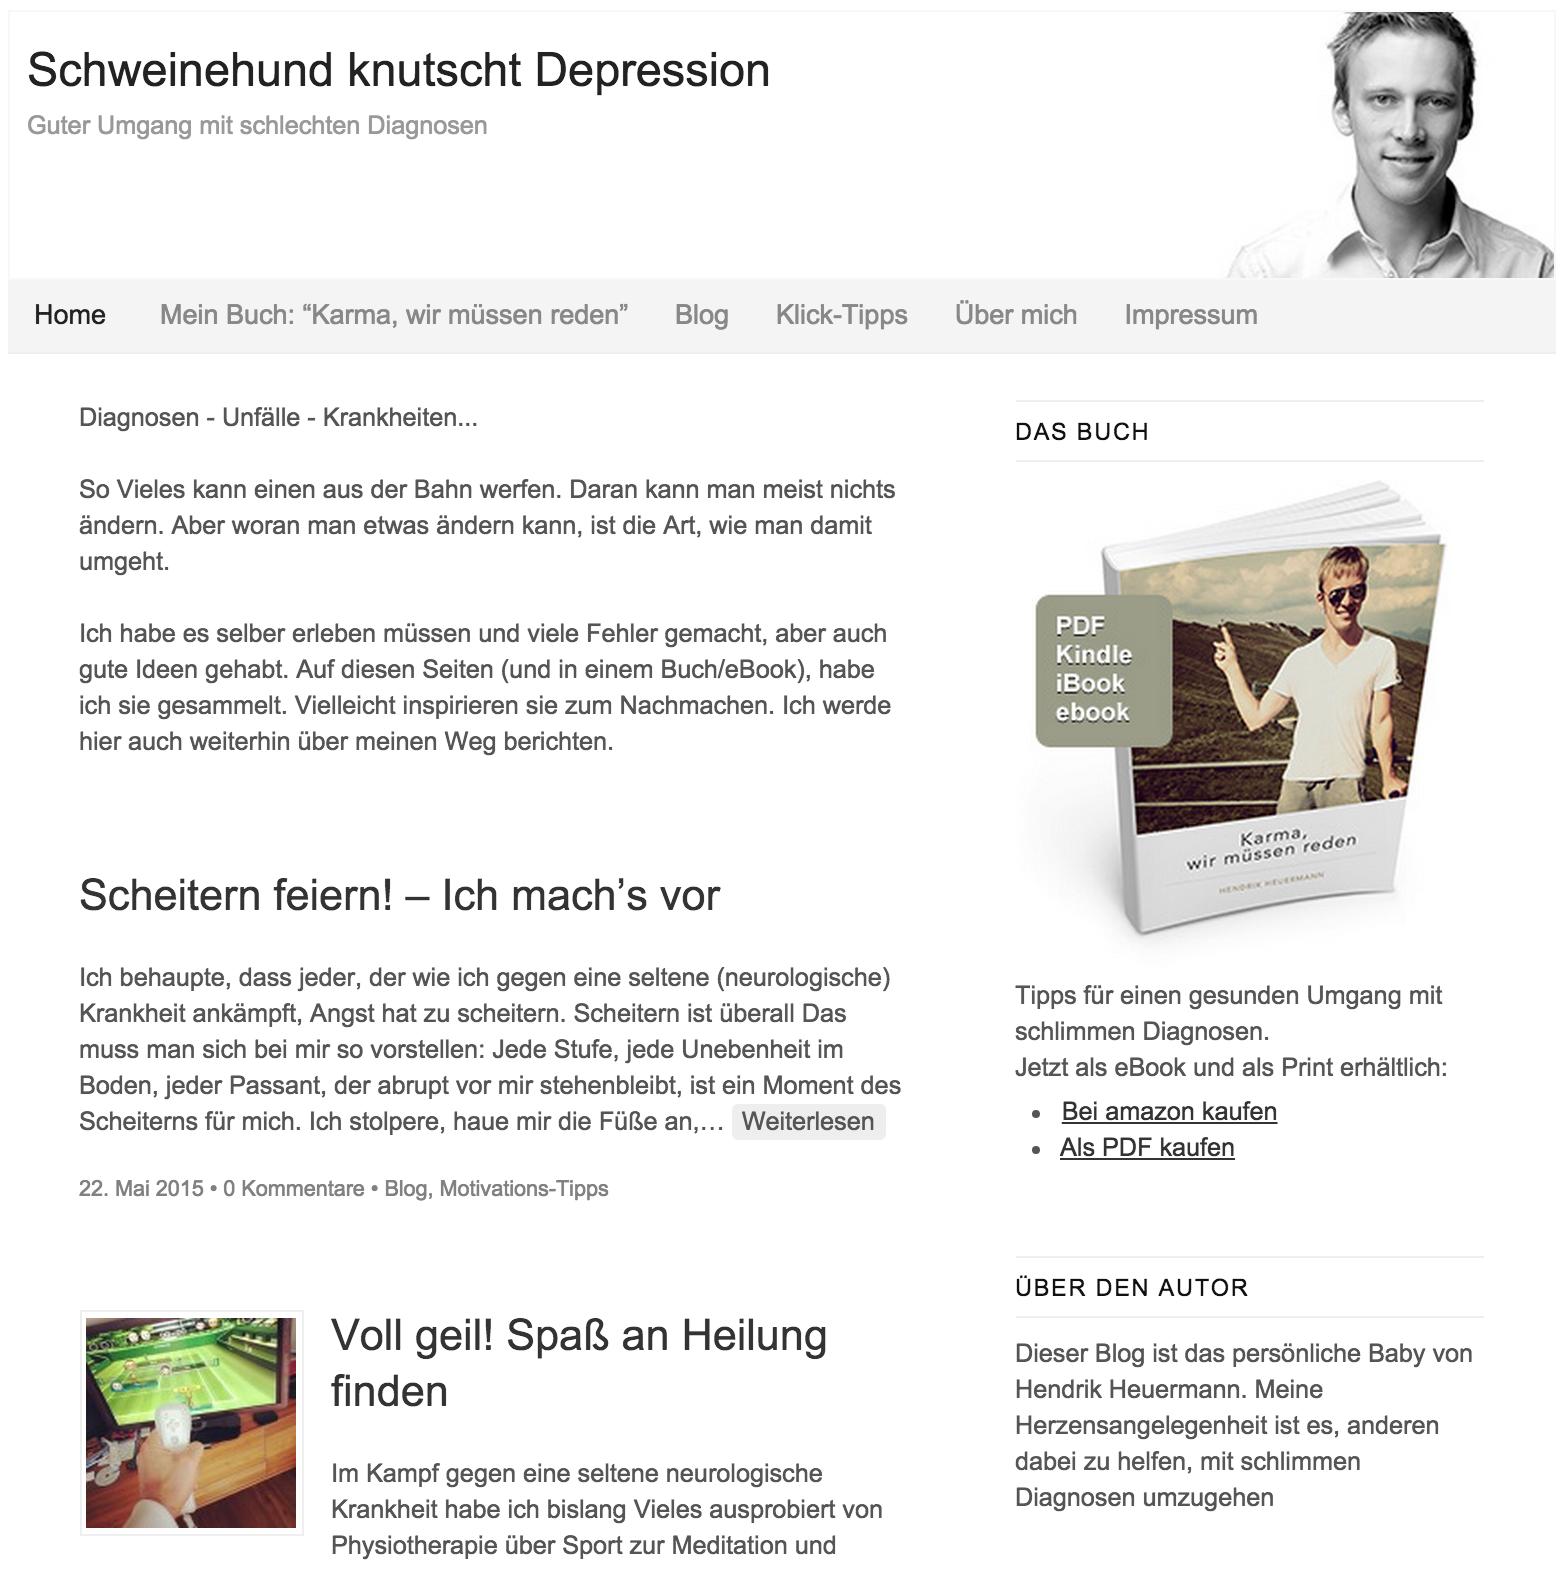 schweinehund_knutscht_depression_webseite